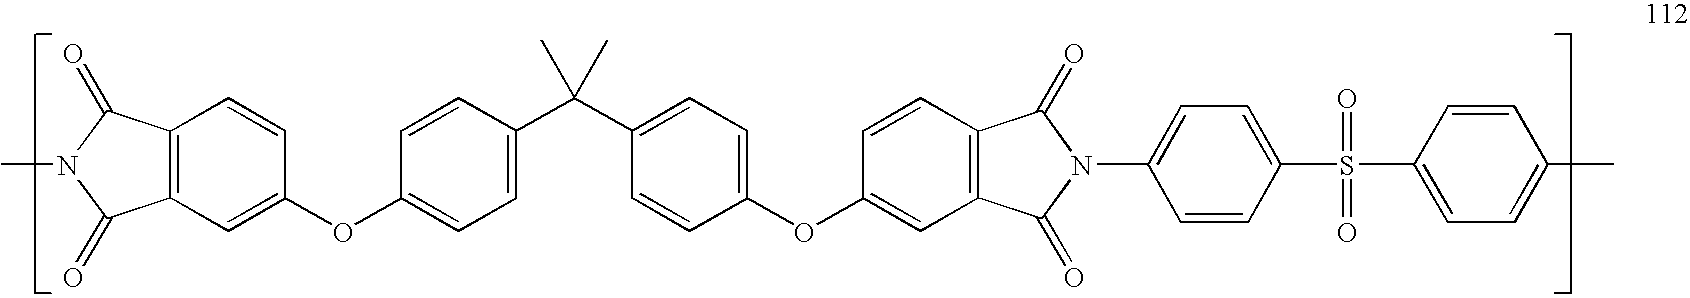 Figure US20060135732A1-20060622-C00002